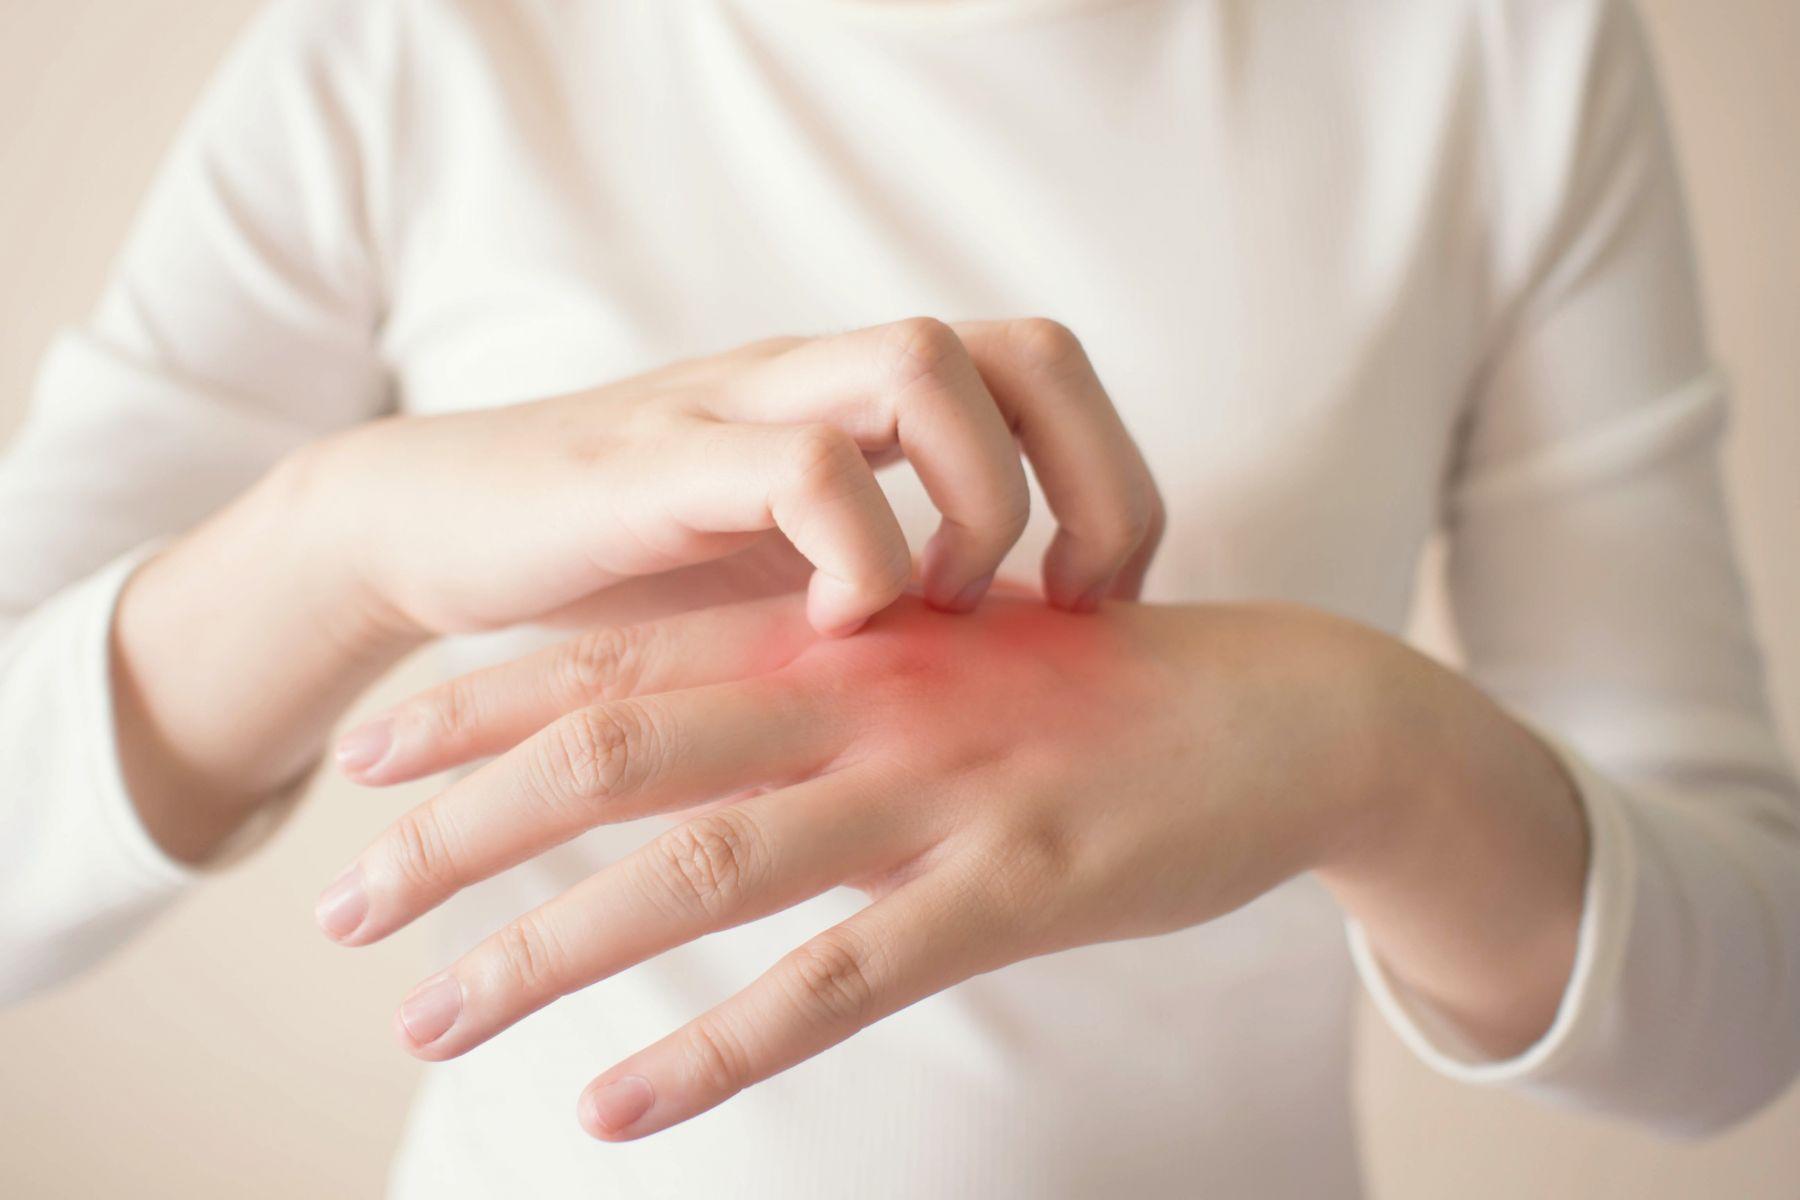 濕疹吃香菇更發炎、搔癢難耐?除了擦藥,吃2食物舒緩皮膚過敏、紅疹症狀